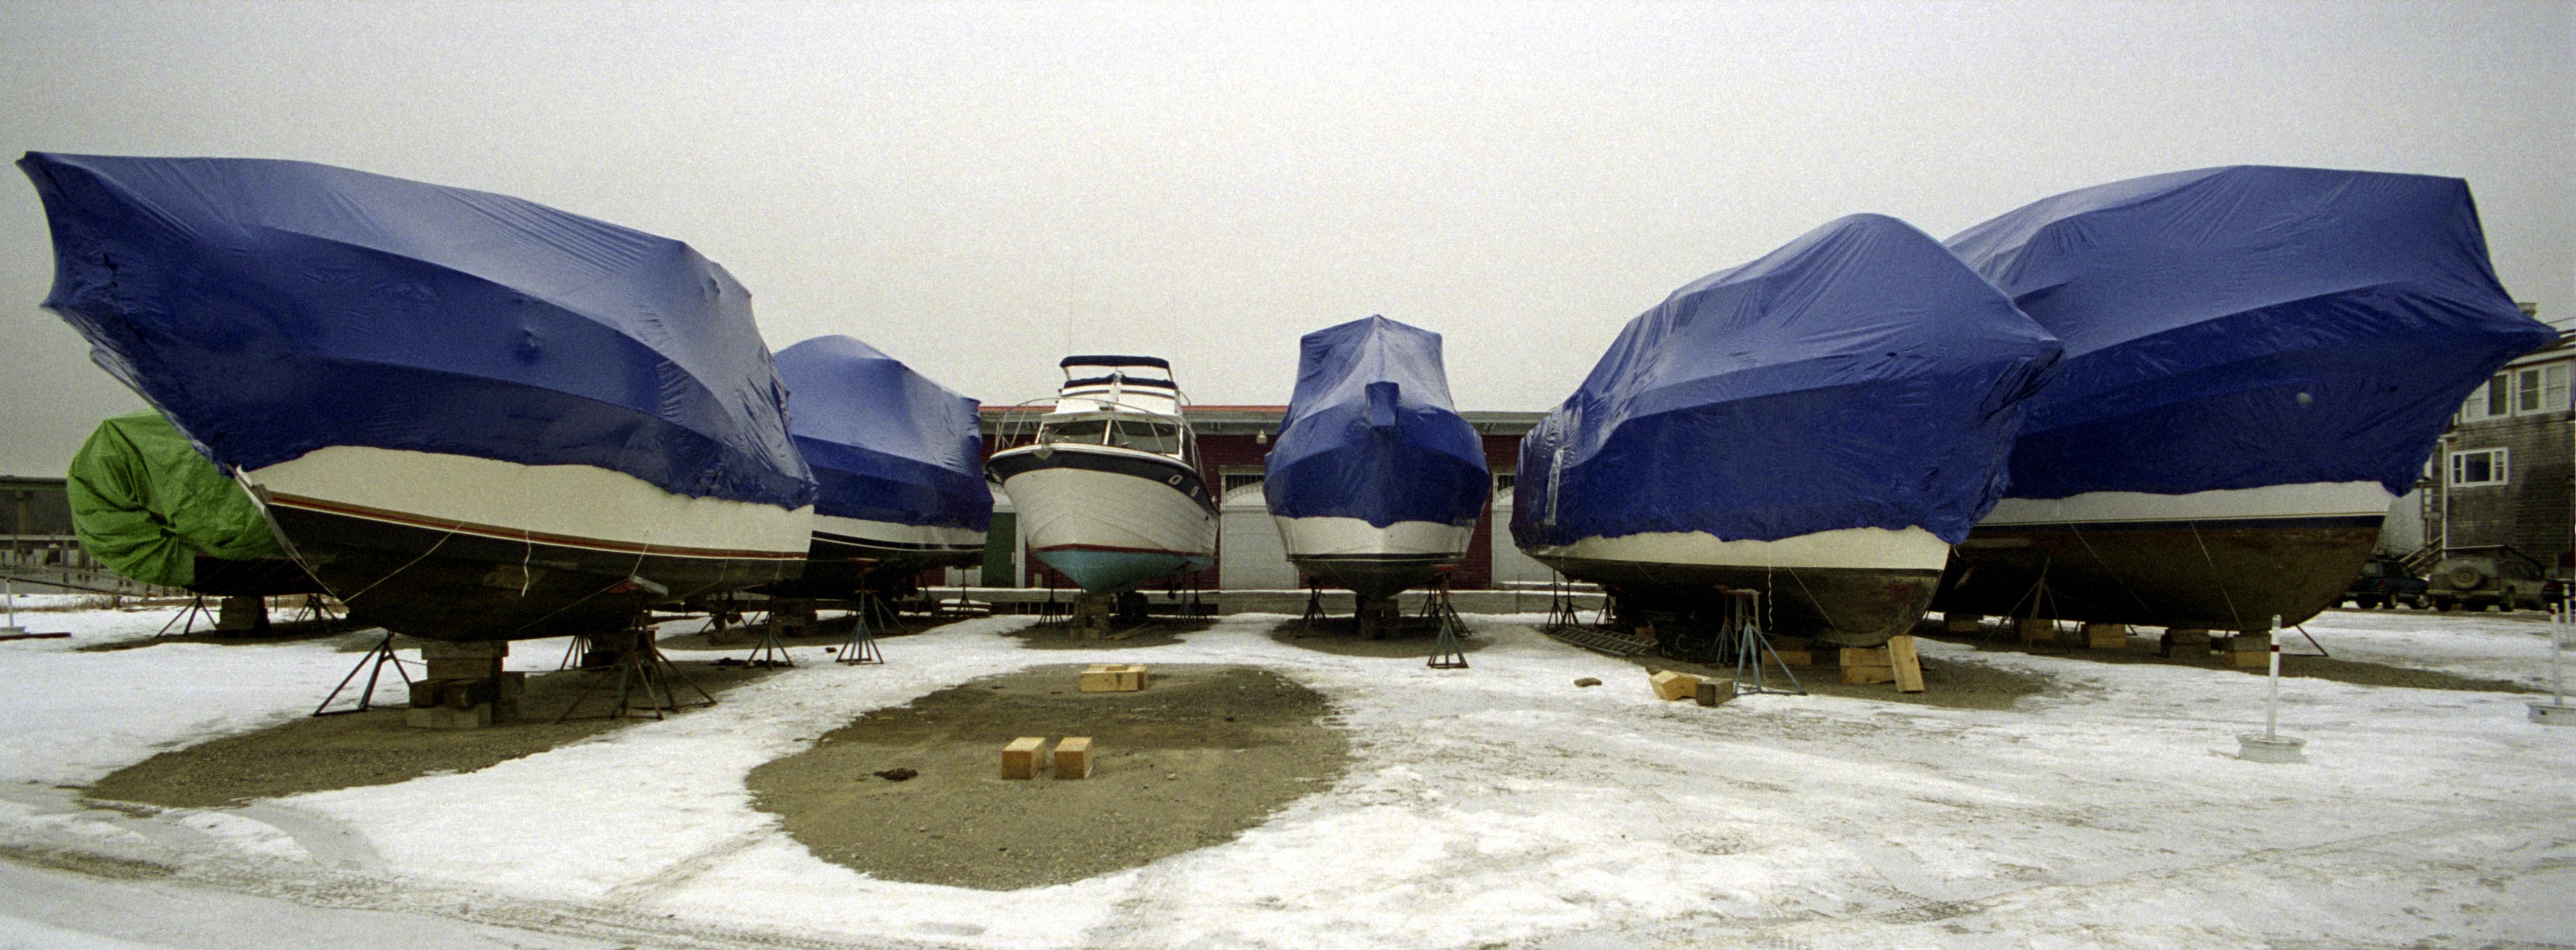 Vinterförvaring - Tips inför vinterförvaring av båten - Atlantica